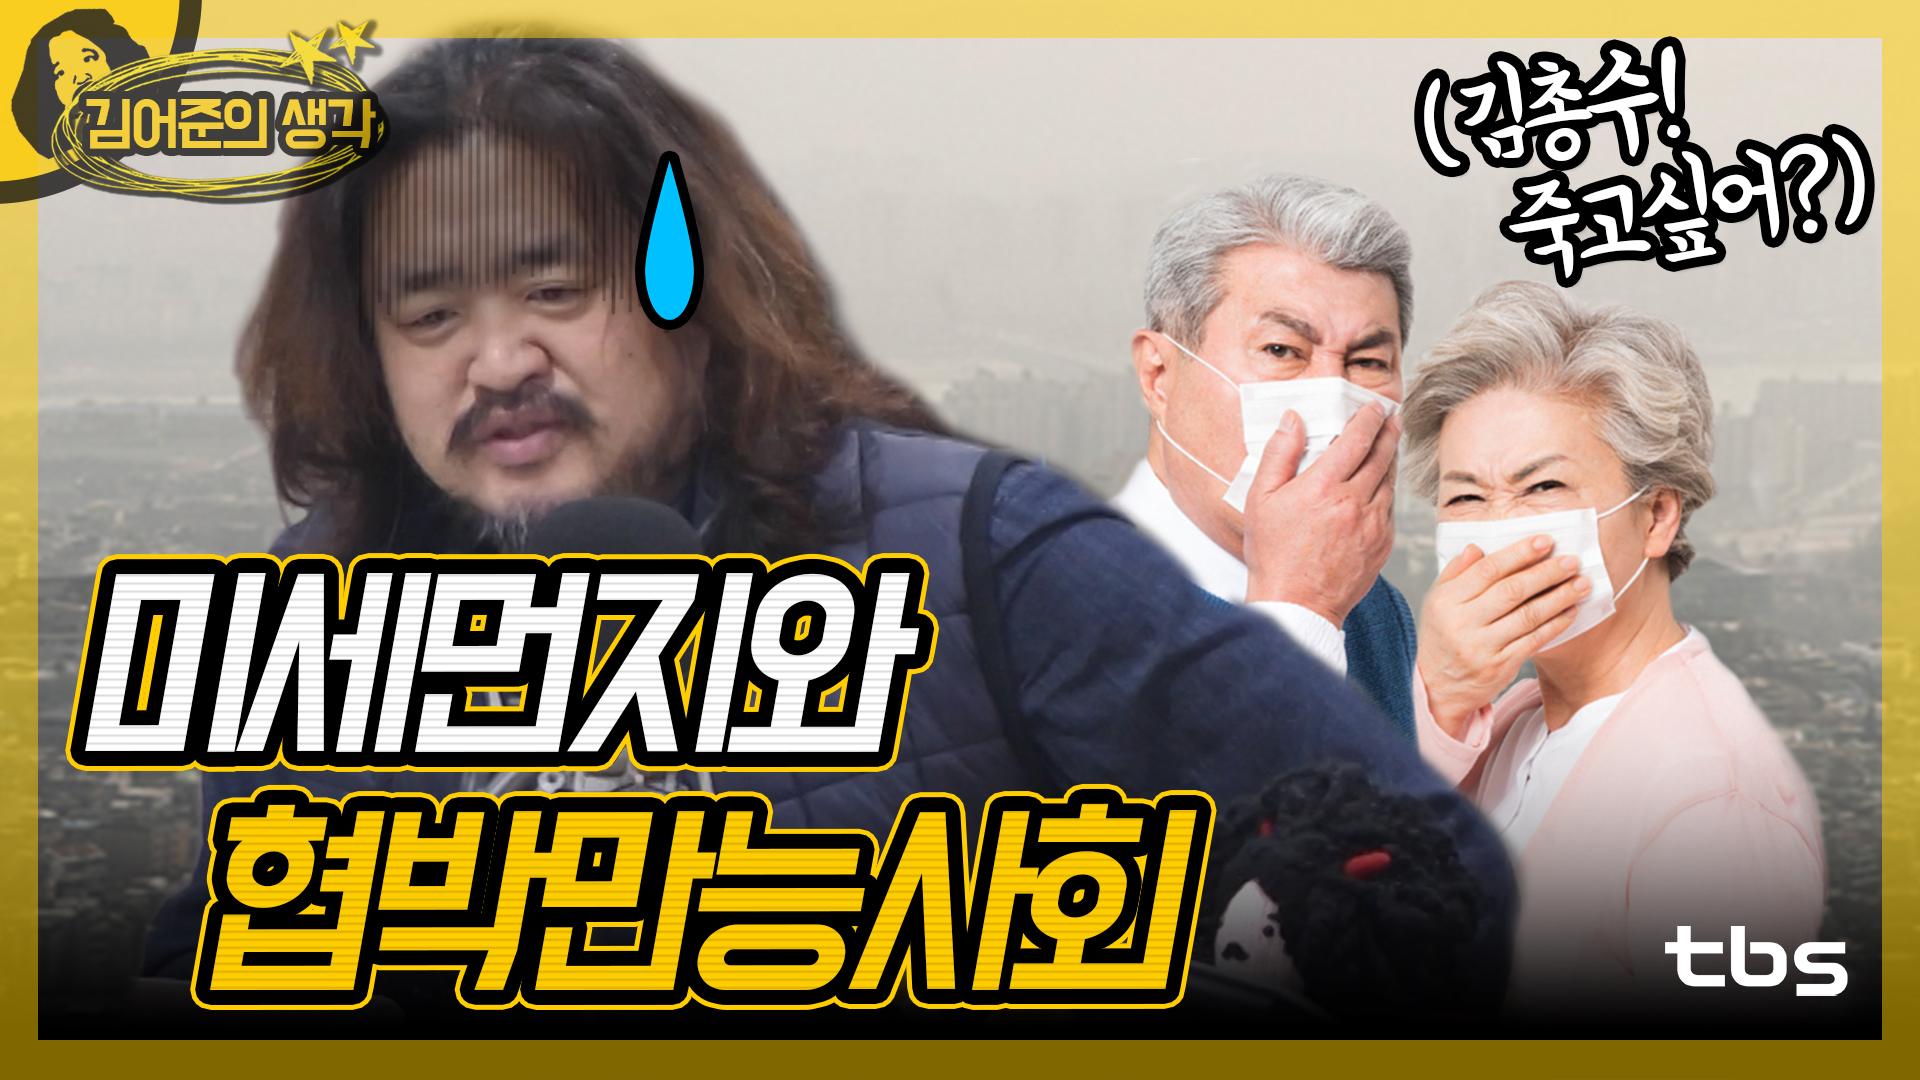 미세먼지 마스크와 협박 만능 사회 [김어준의 뉴스공장/김어준생각]